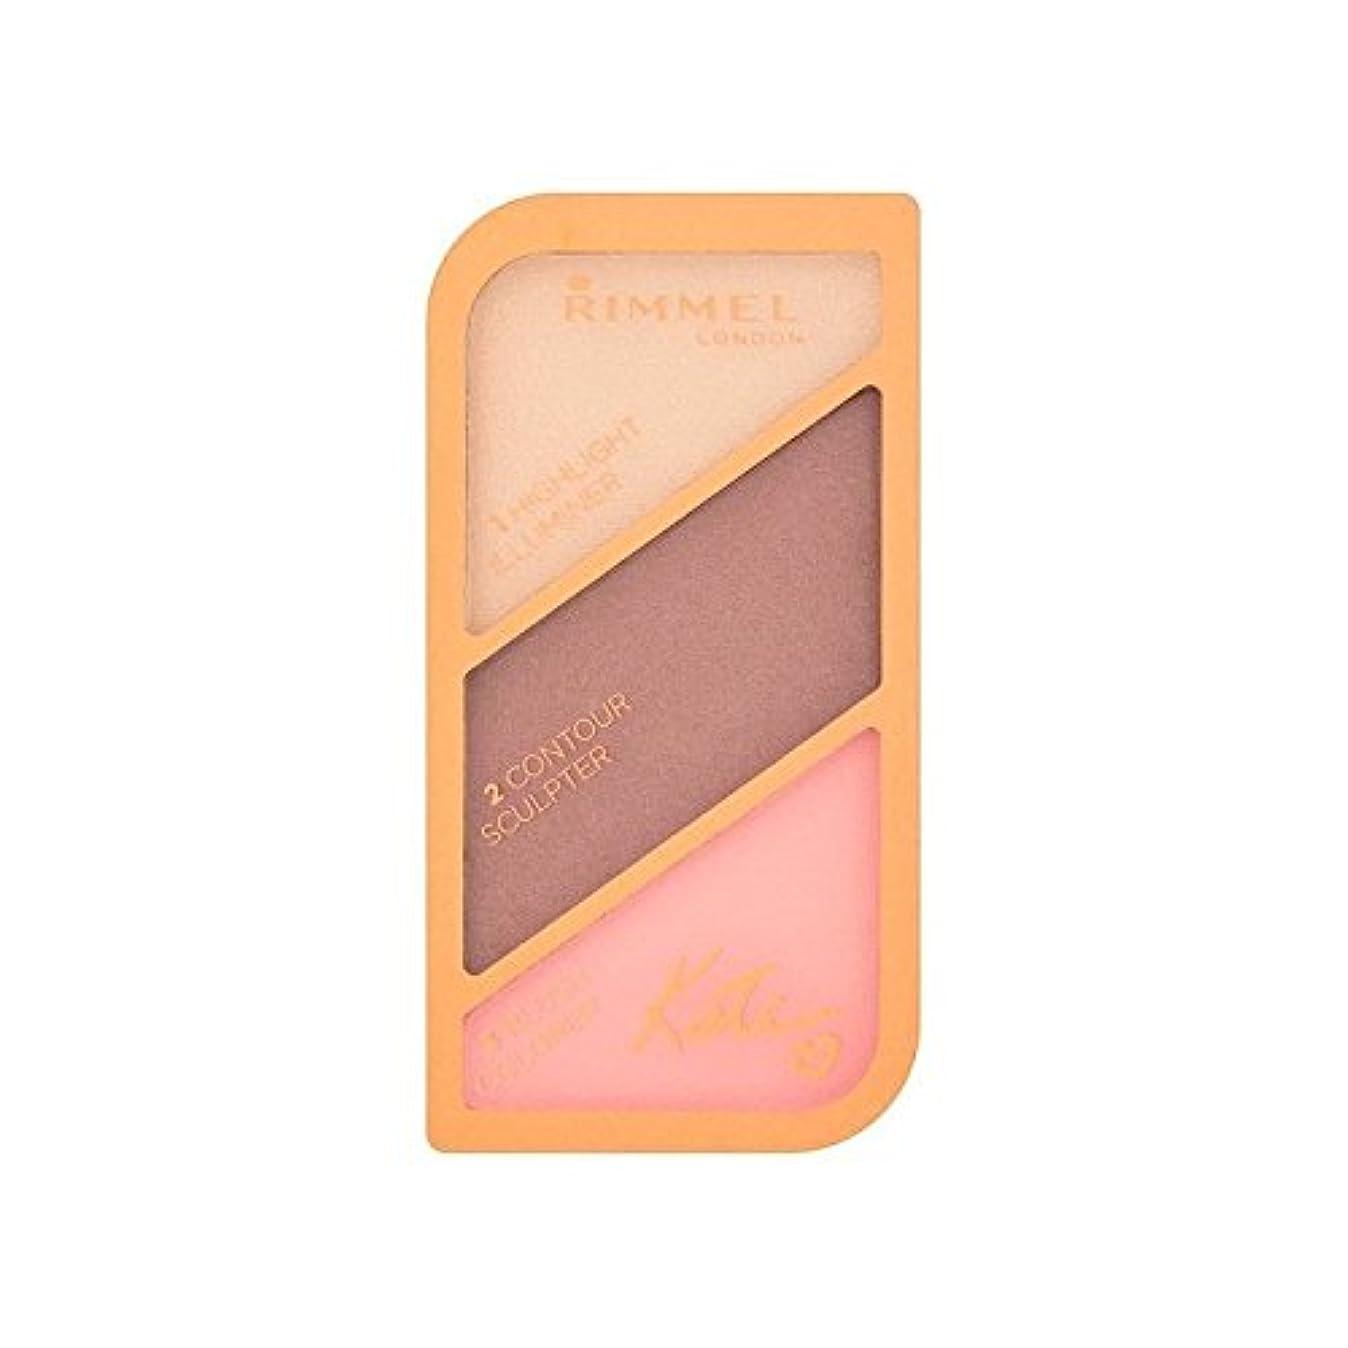 道鮮やかな欠如リンメルケイト?モスの彫刻パレット黄金のブロンズ003 x4 - Rimmel Kate Moss Sculpting Palette Golden Bronze 003 (Pack of 4) [並行輸入品]